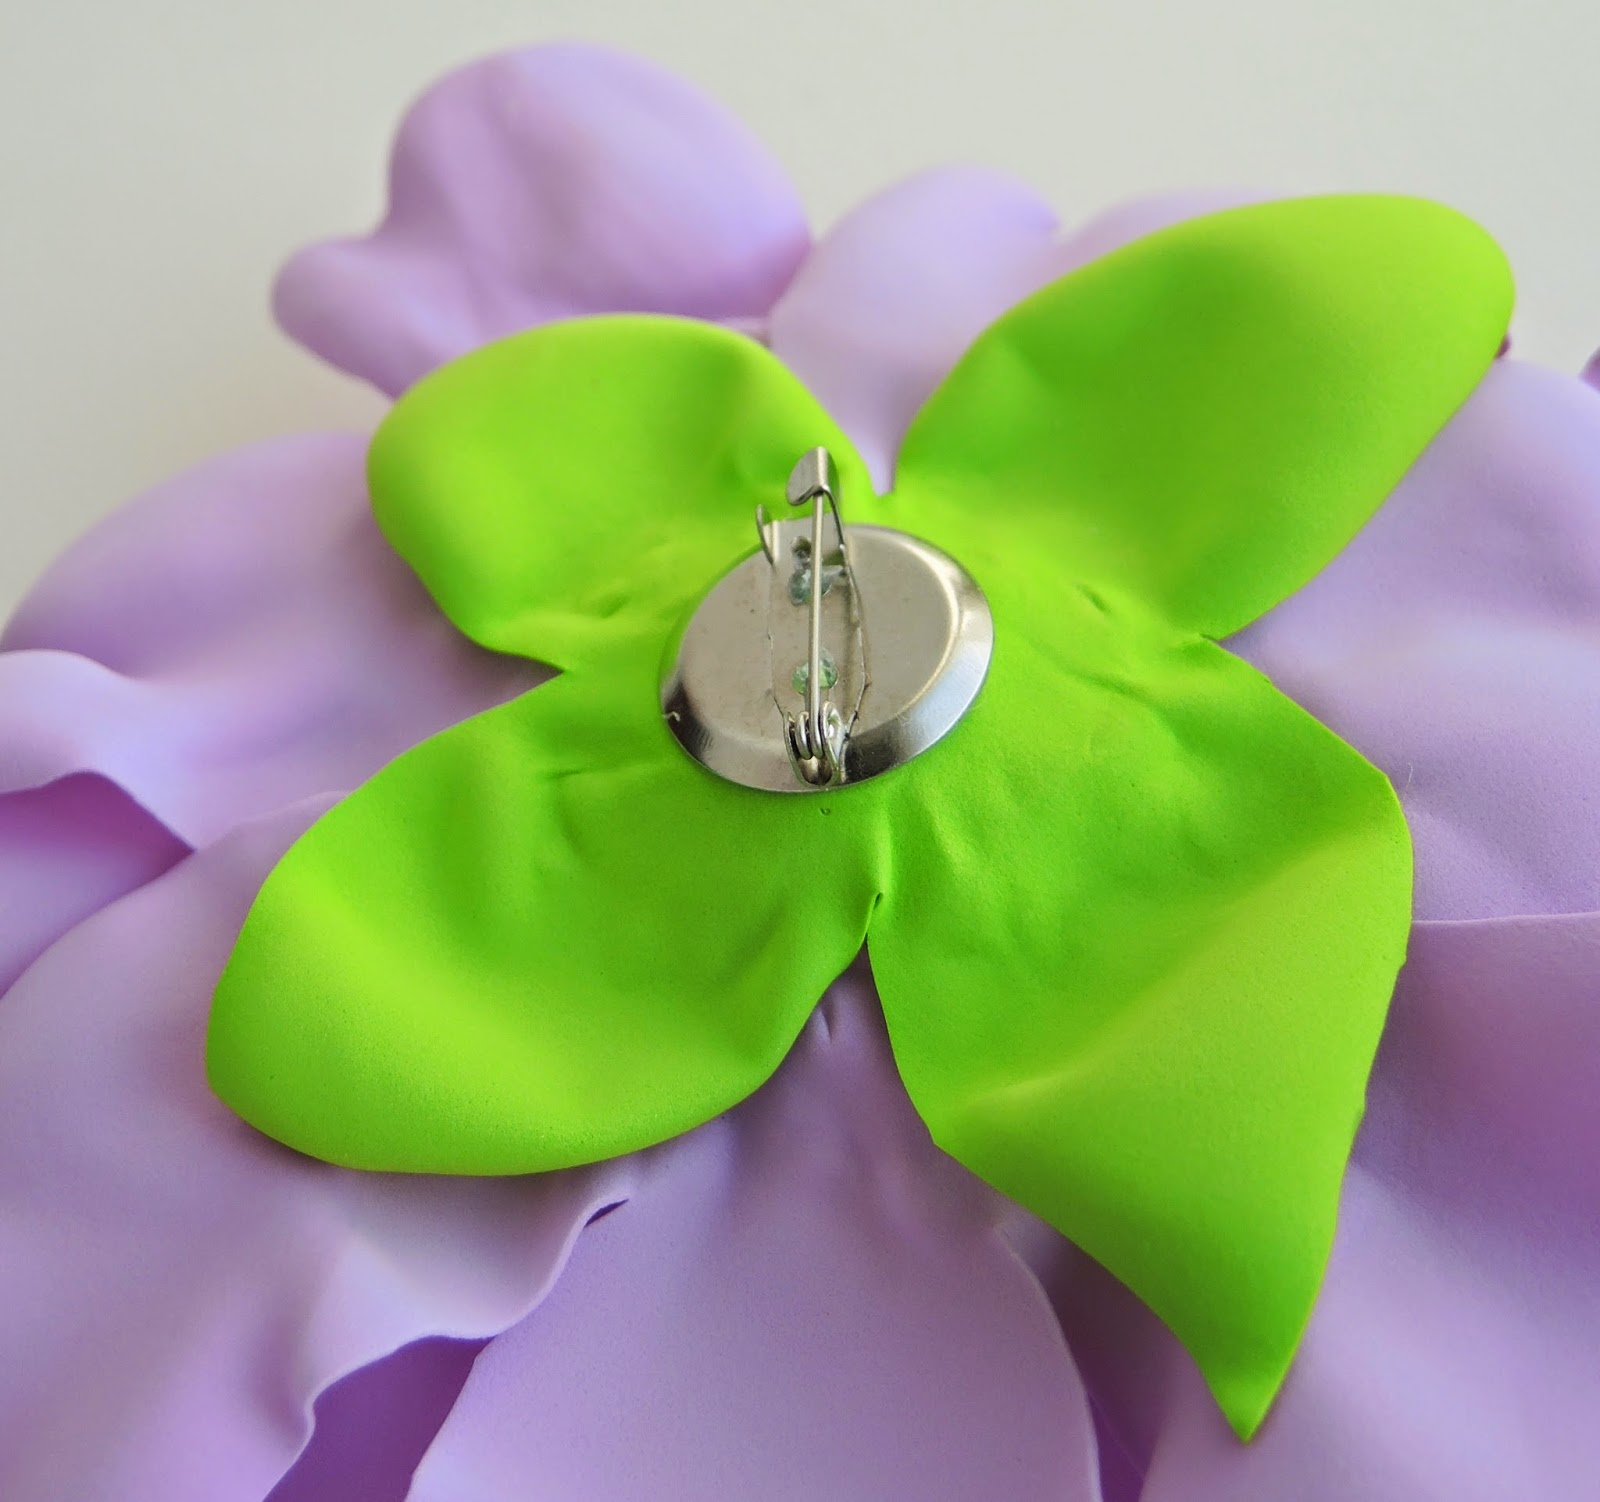 brooch, flower, peony, handmade, gift, present, брошь, пион, фоамерам, фом, сделать своими руками, подарок, подарок для девушки, подарок для женщины, бижутерия, украшения,